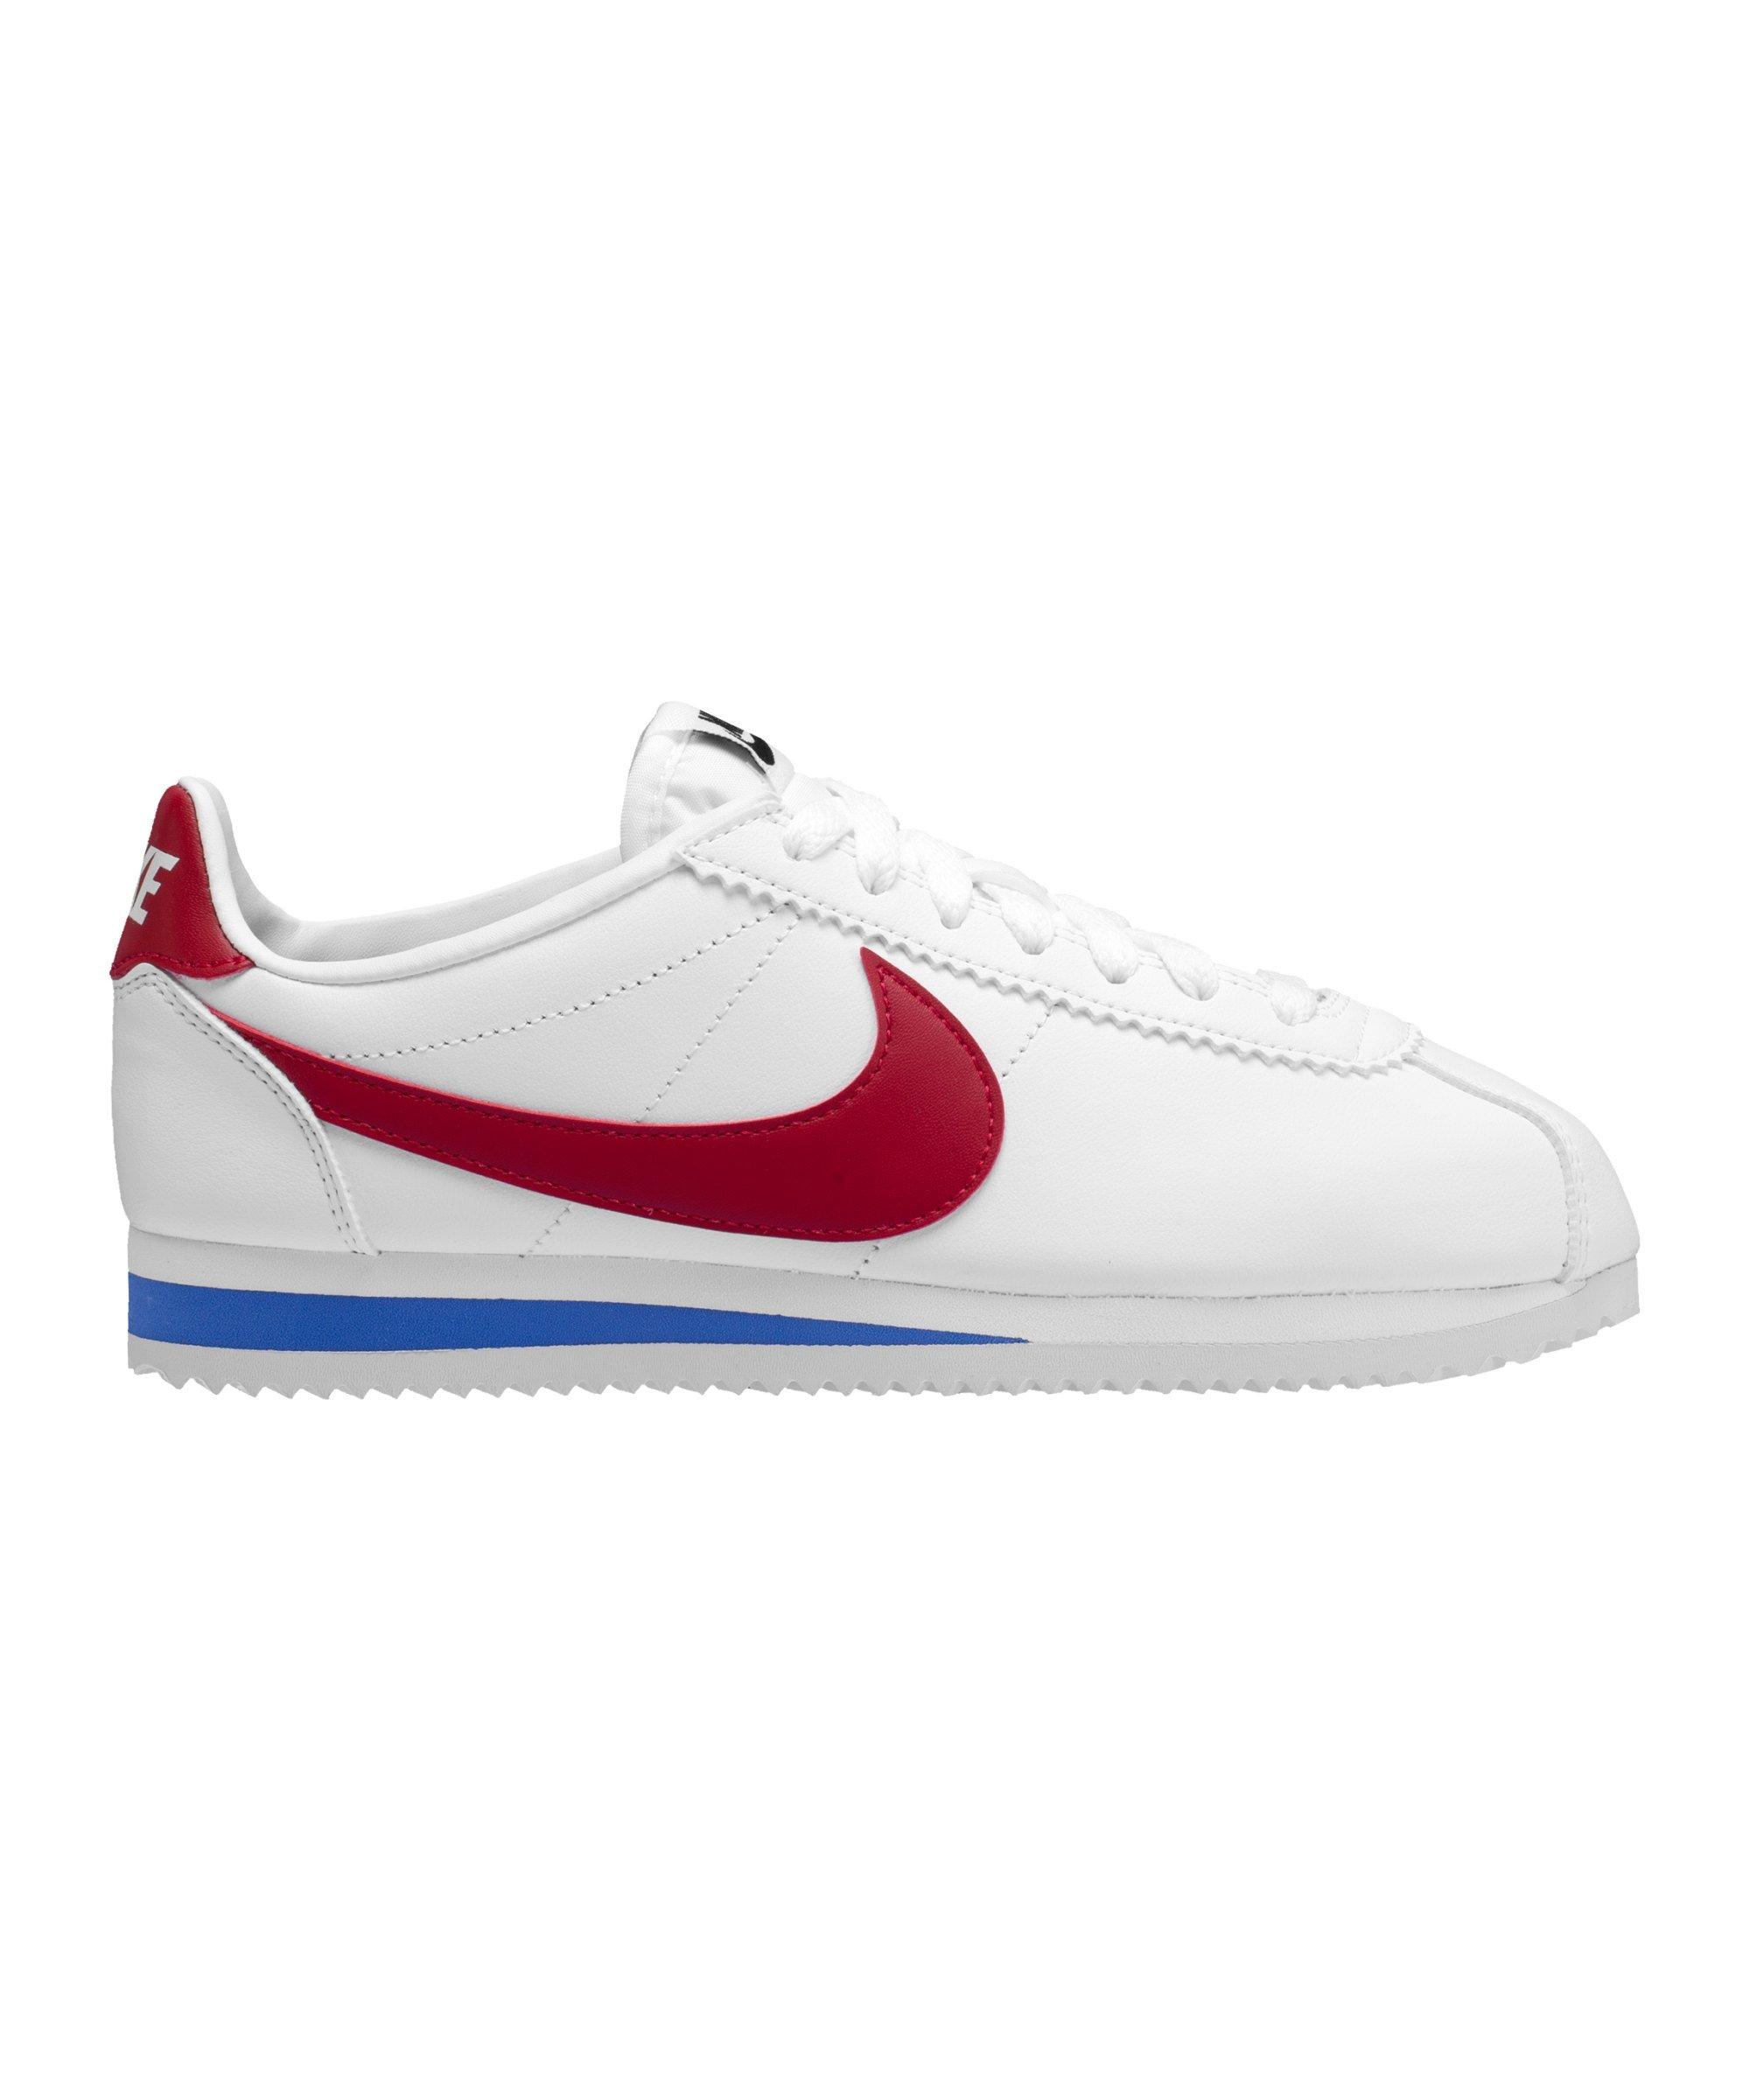 Nike Classic Cortez Leder Sneaker Damen Weiss F103